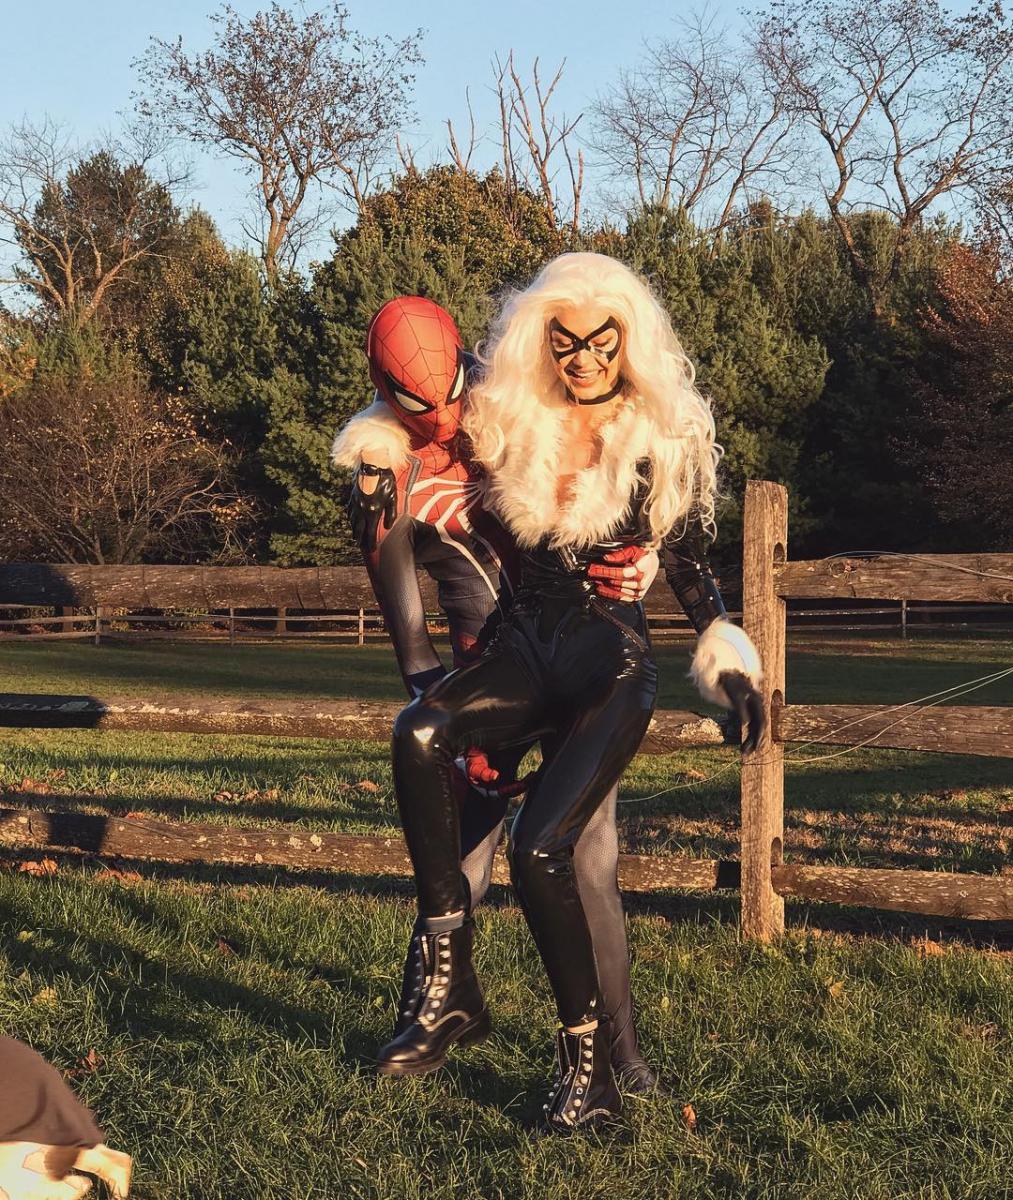 昨年のハロウィンには、ペアのコスチューム姿を披露。